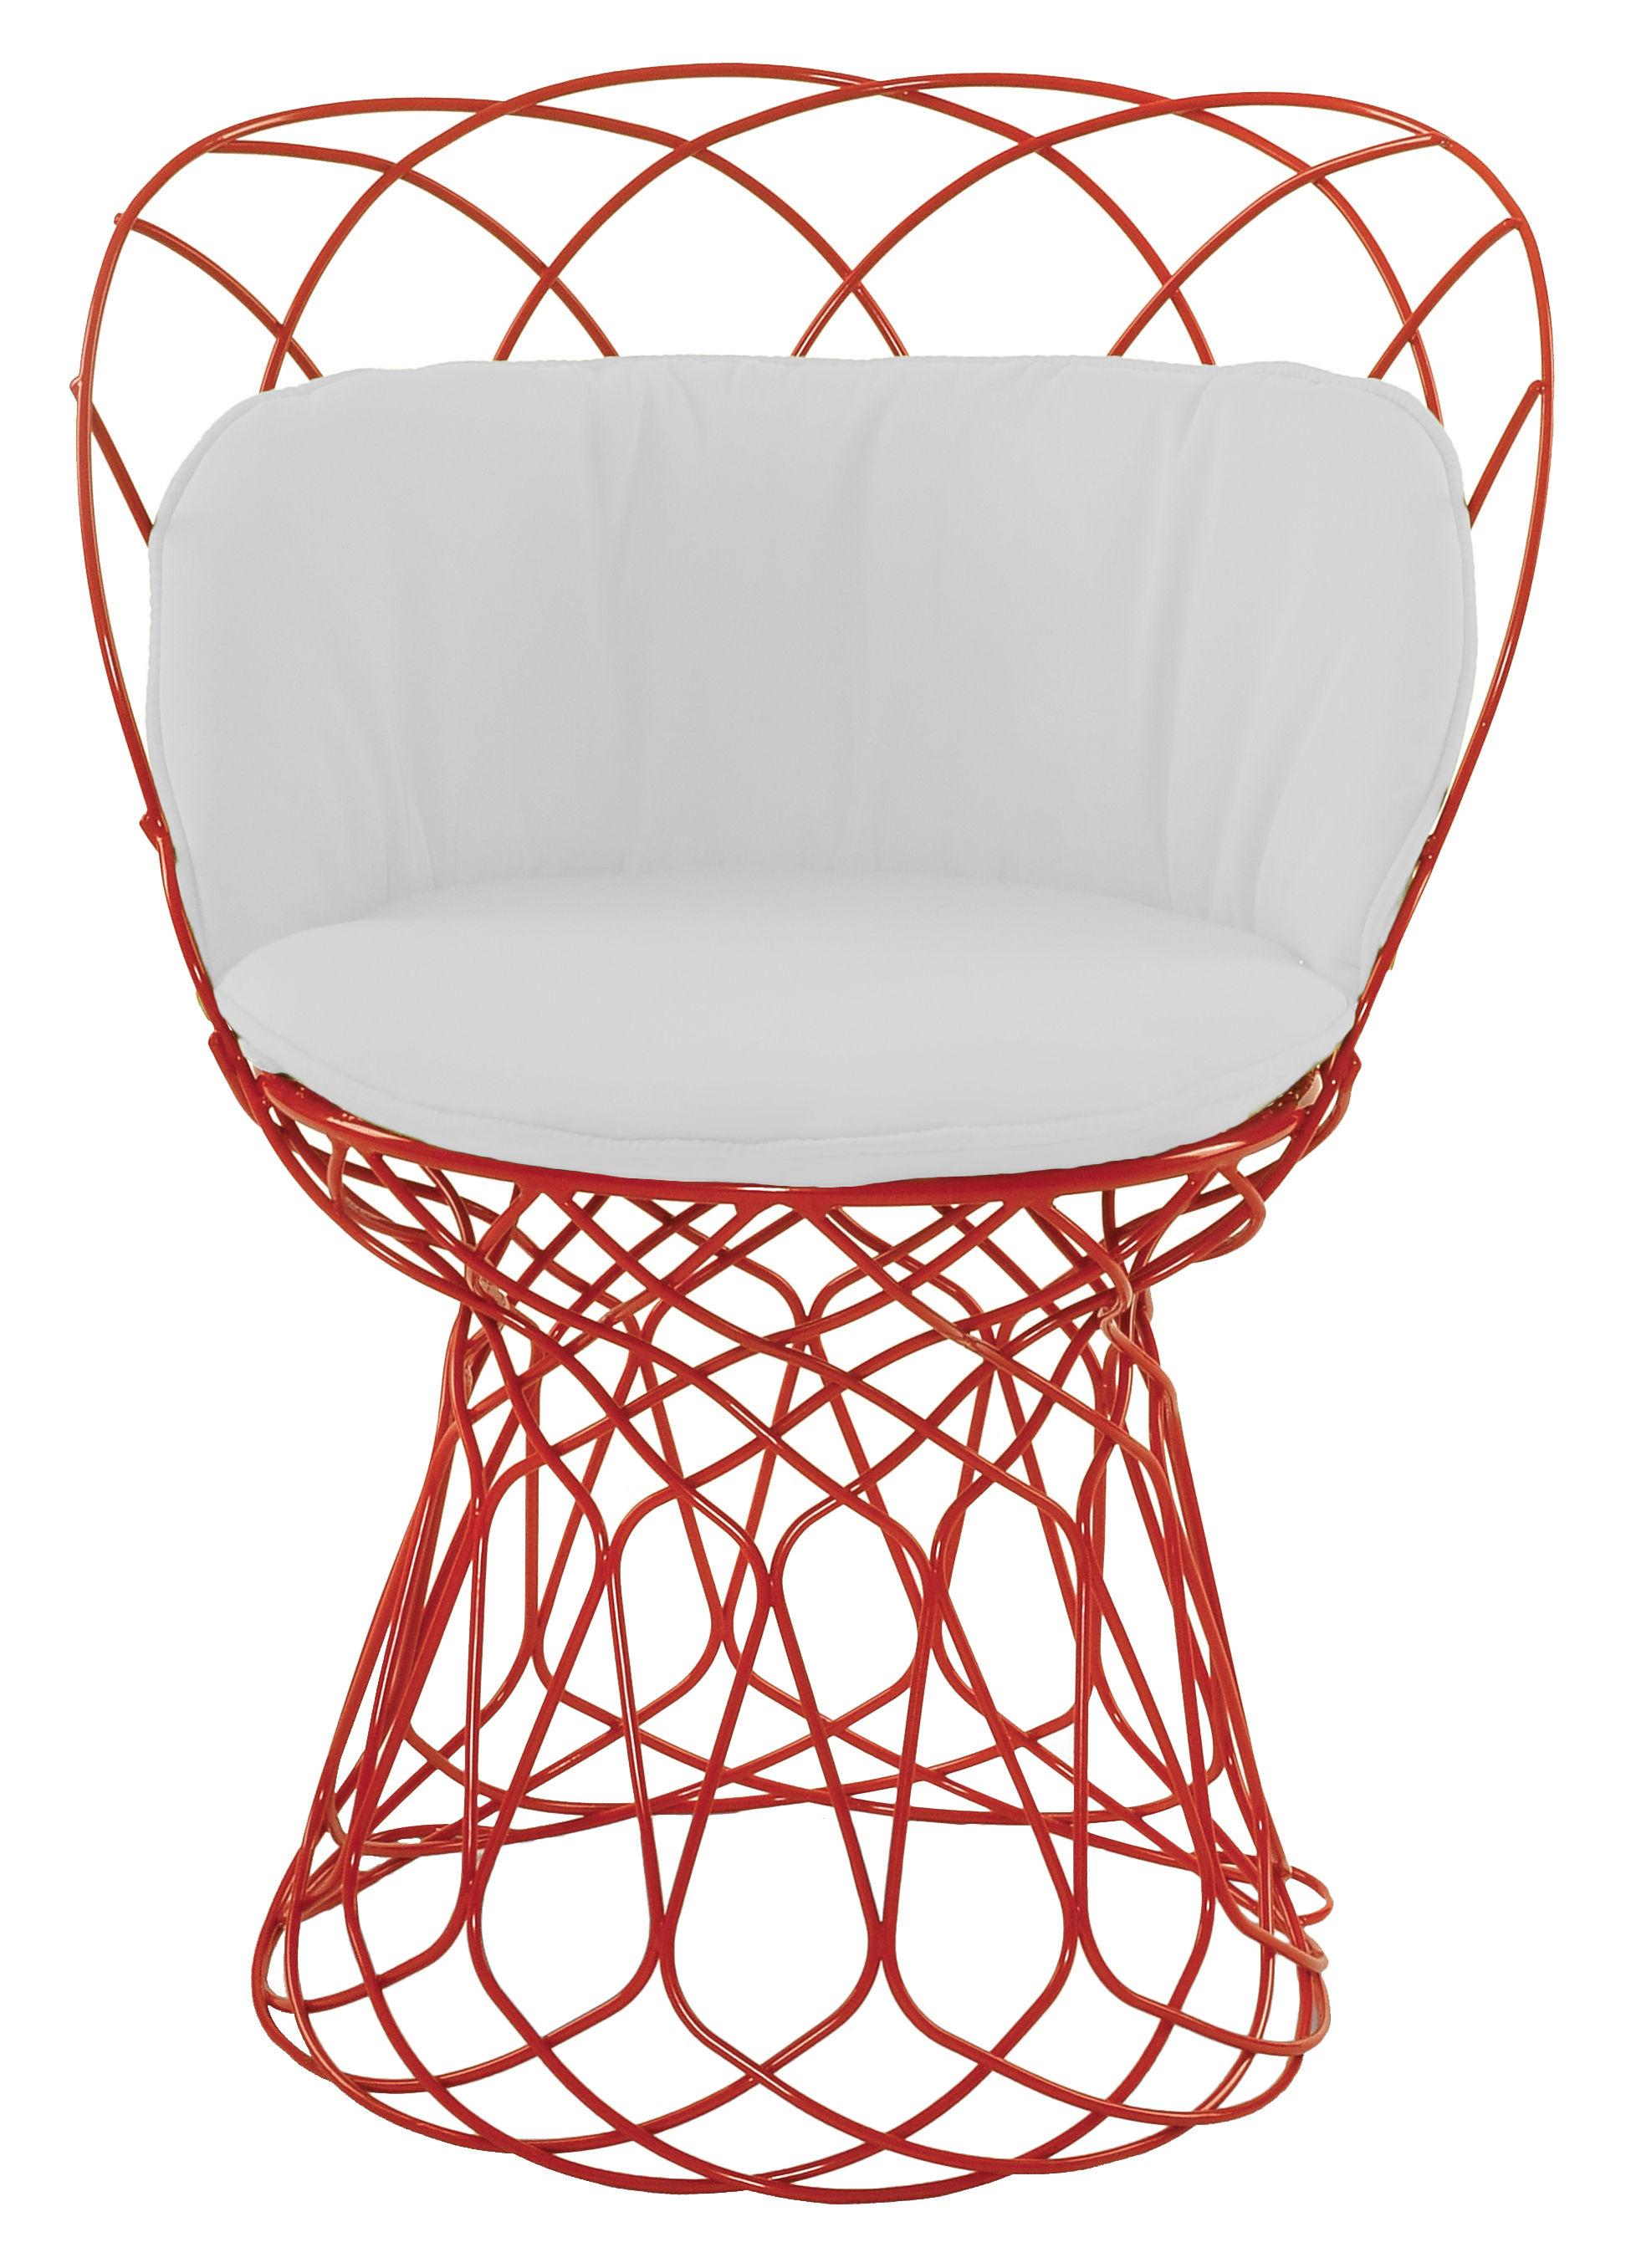 Déco - Coussins - Coussin d'assise / Pour fauteuils Re-trouvé - Emu - Blanc uni - Tissu